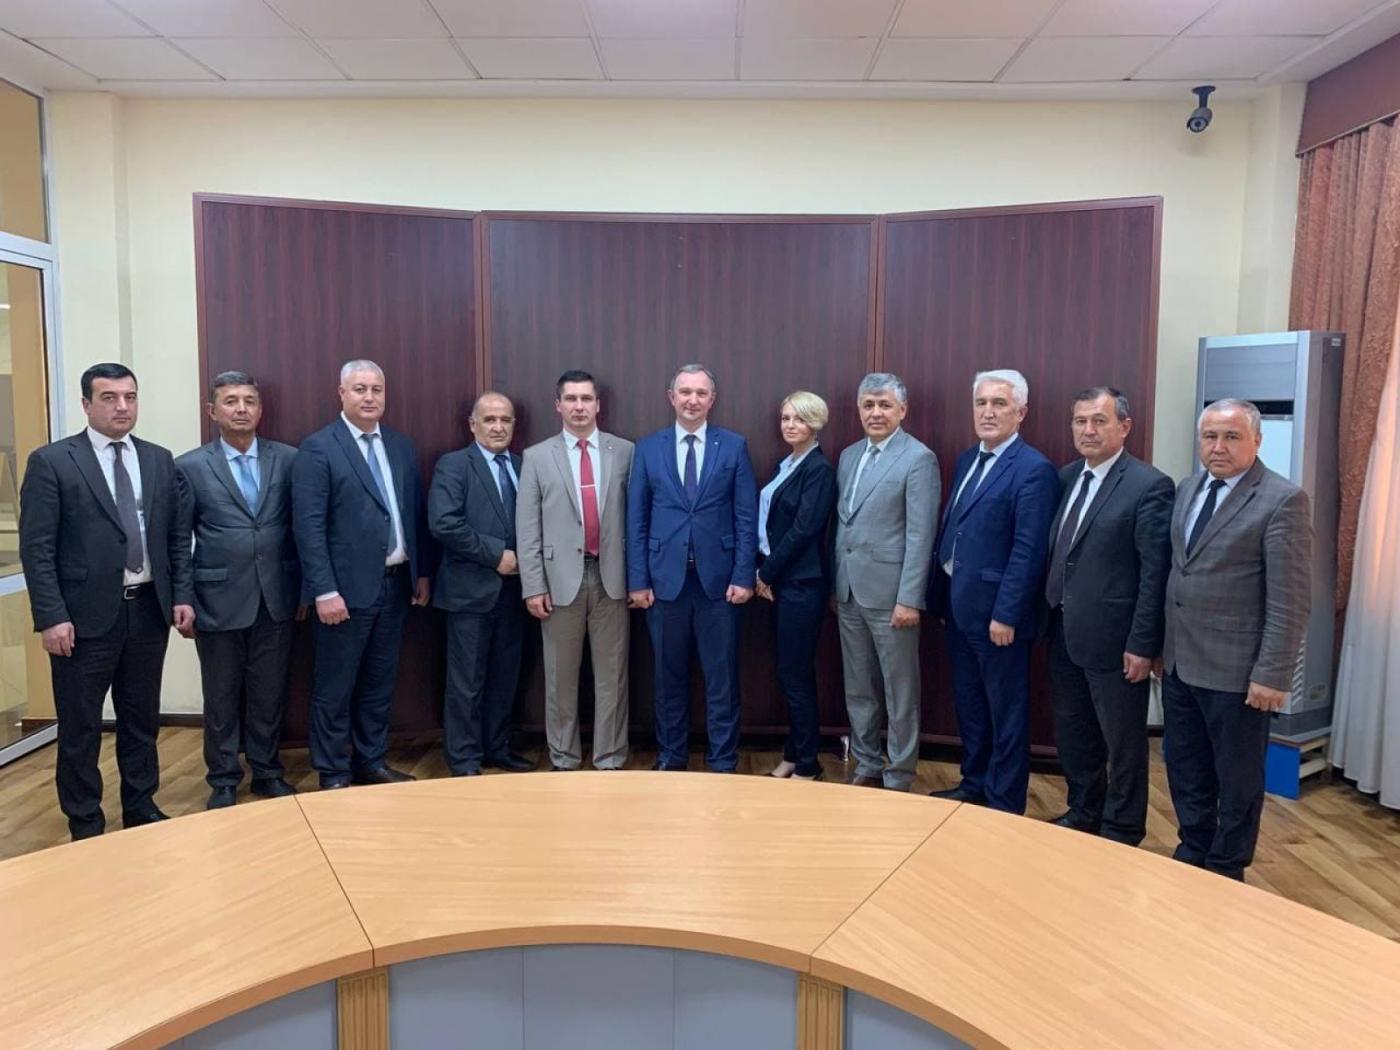 Делегация БНТУ посетила Ташкентский институт инженеров ирригации и механизации сельского хозяйства